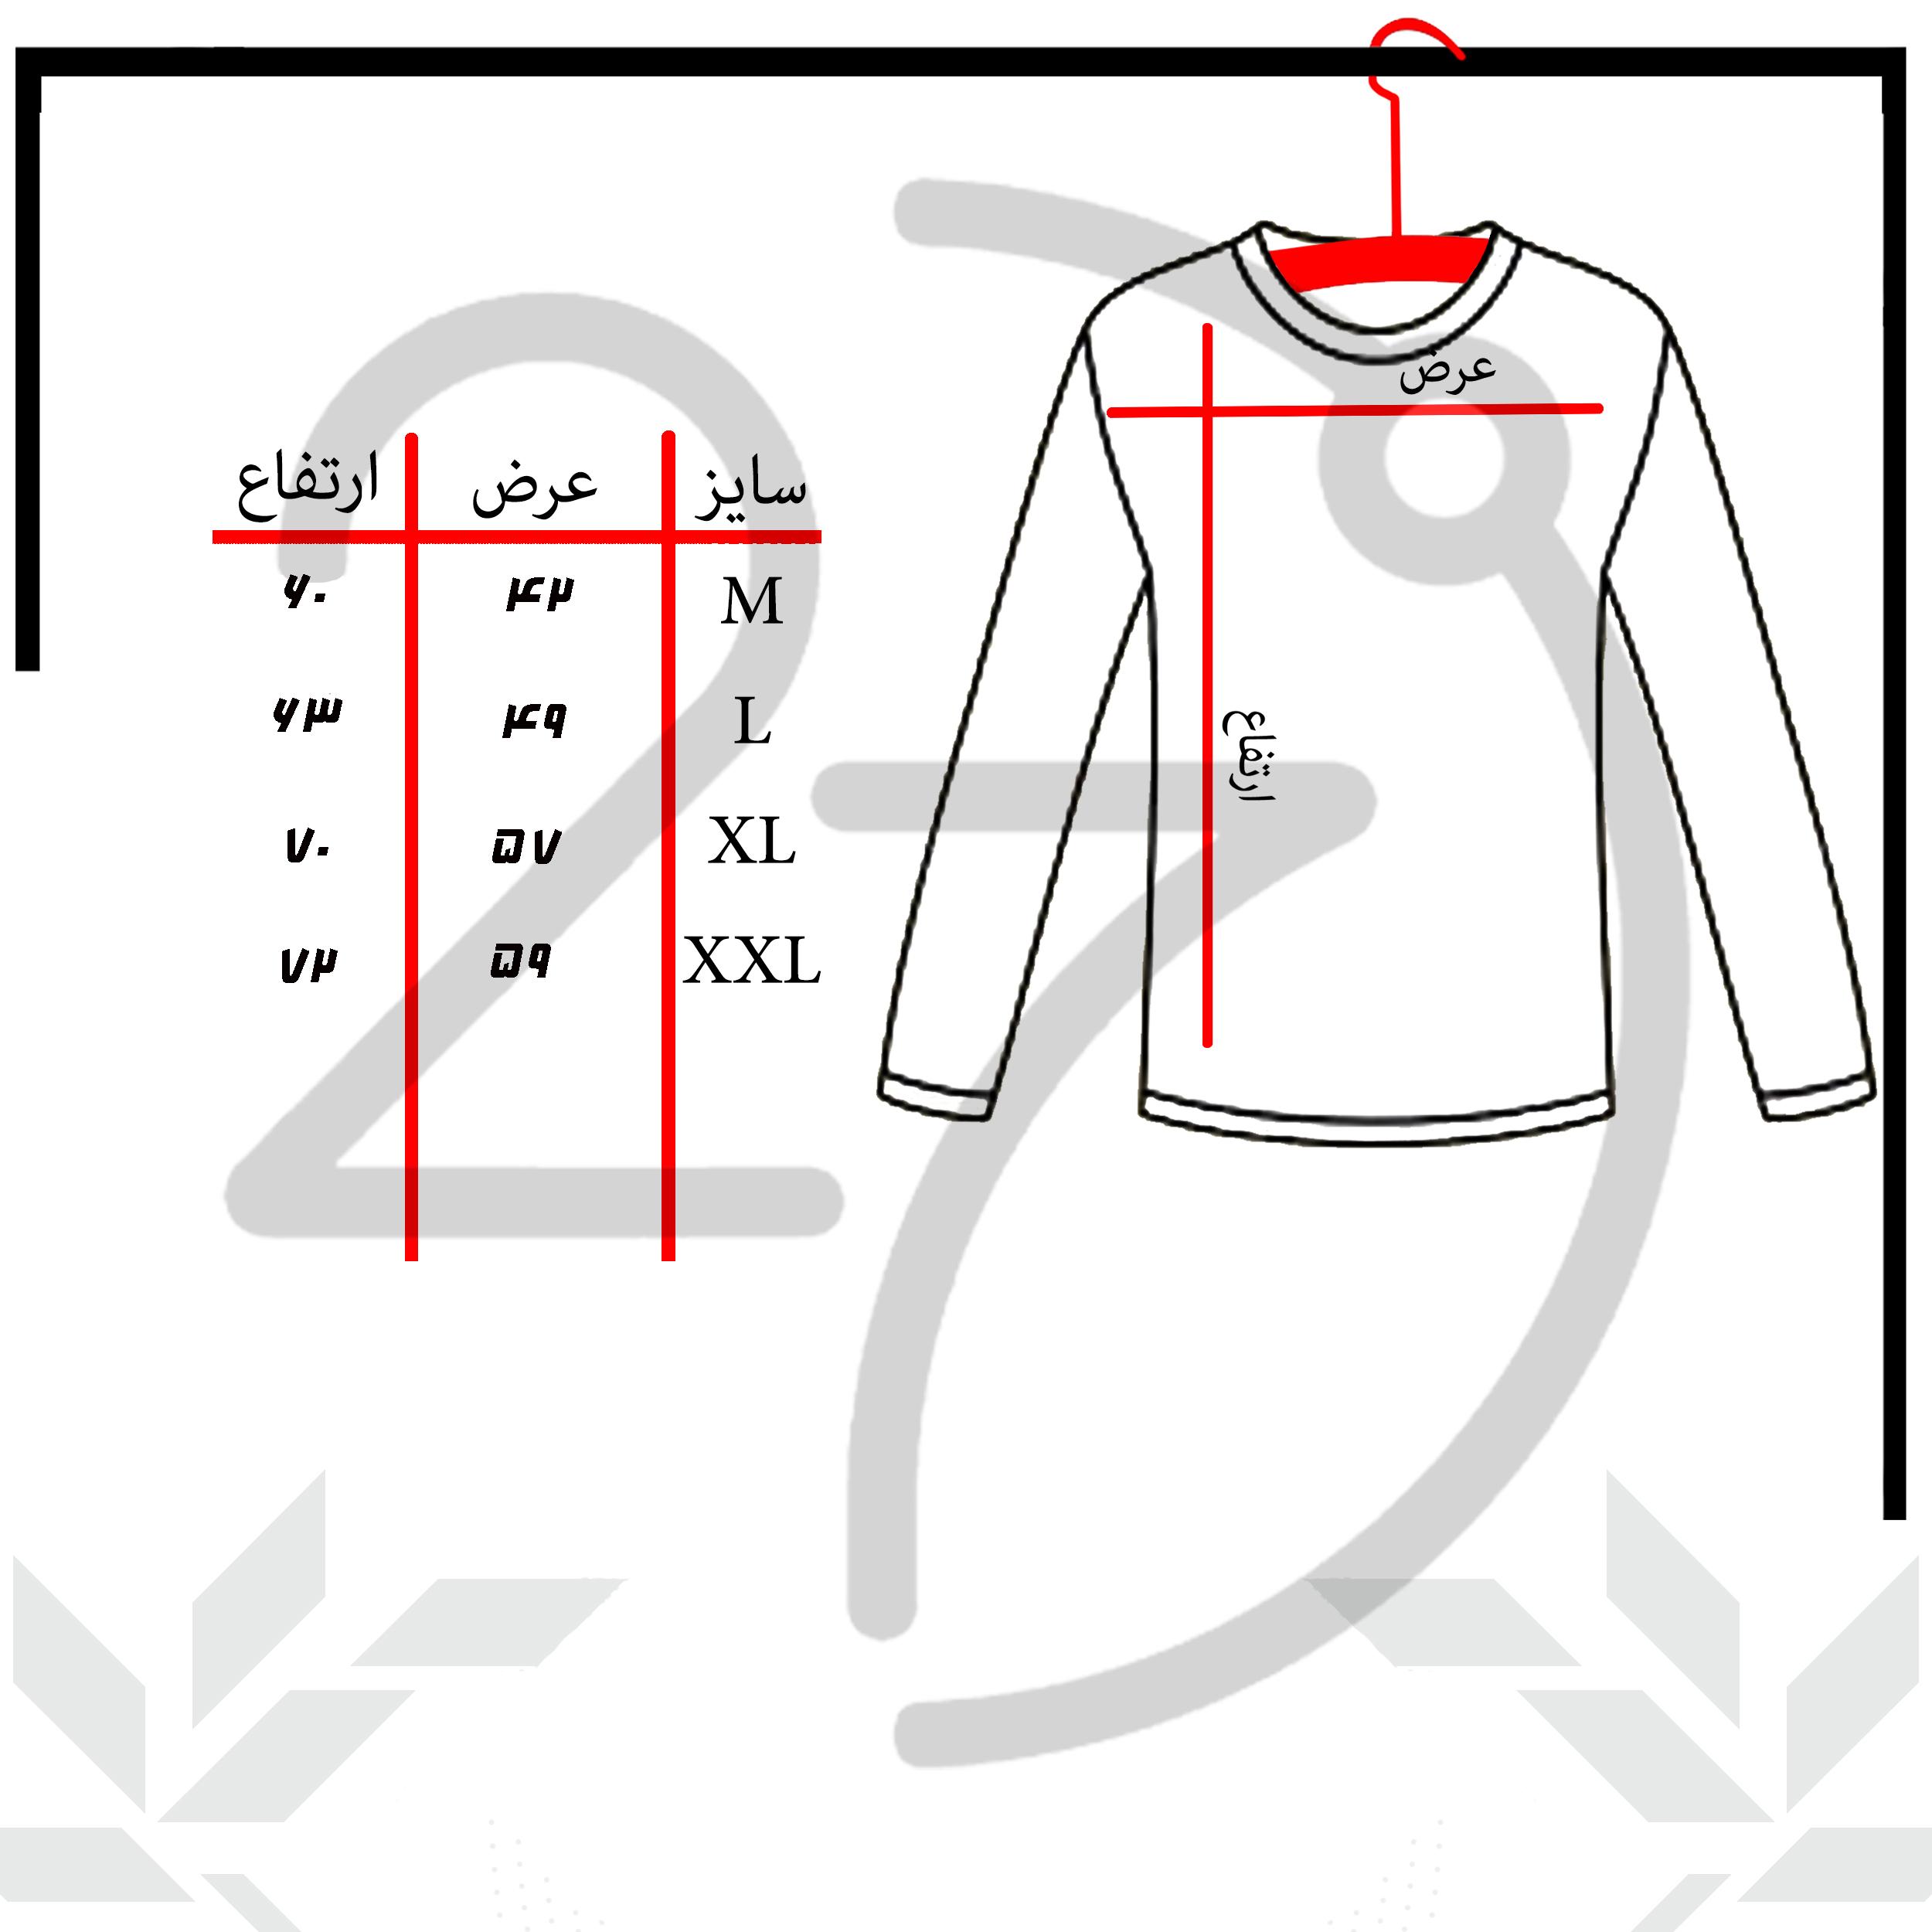 تی شرت آستین بلند زنانه 27 مدل دوربین کد B127